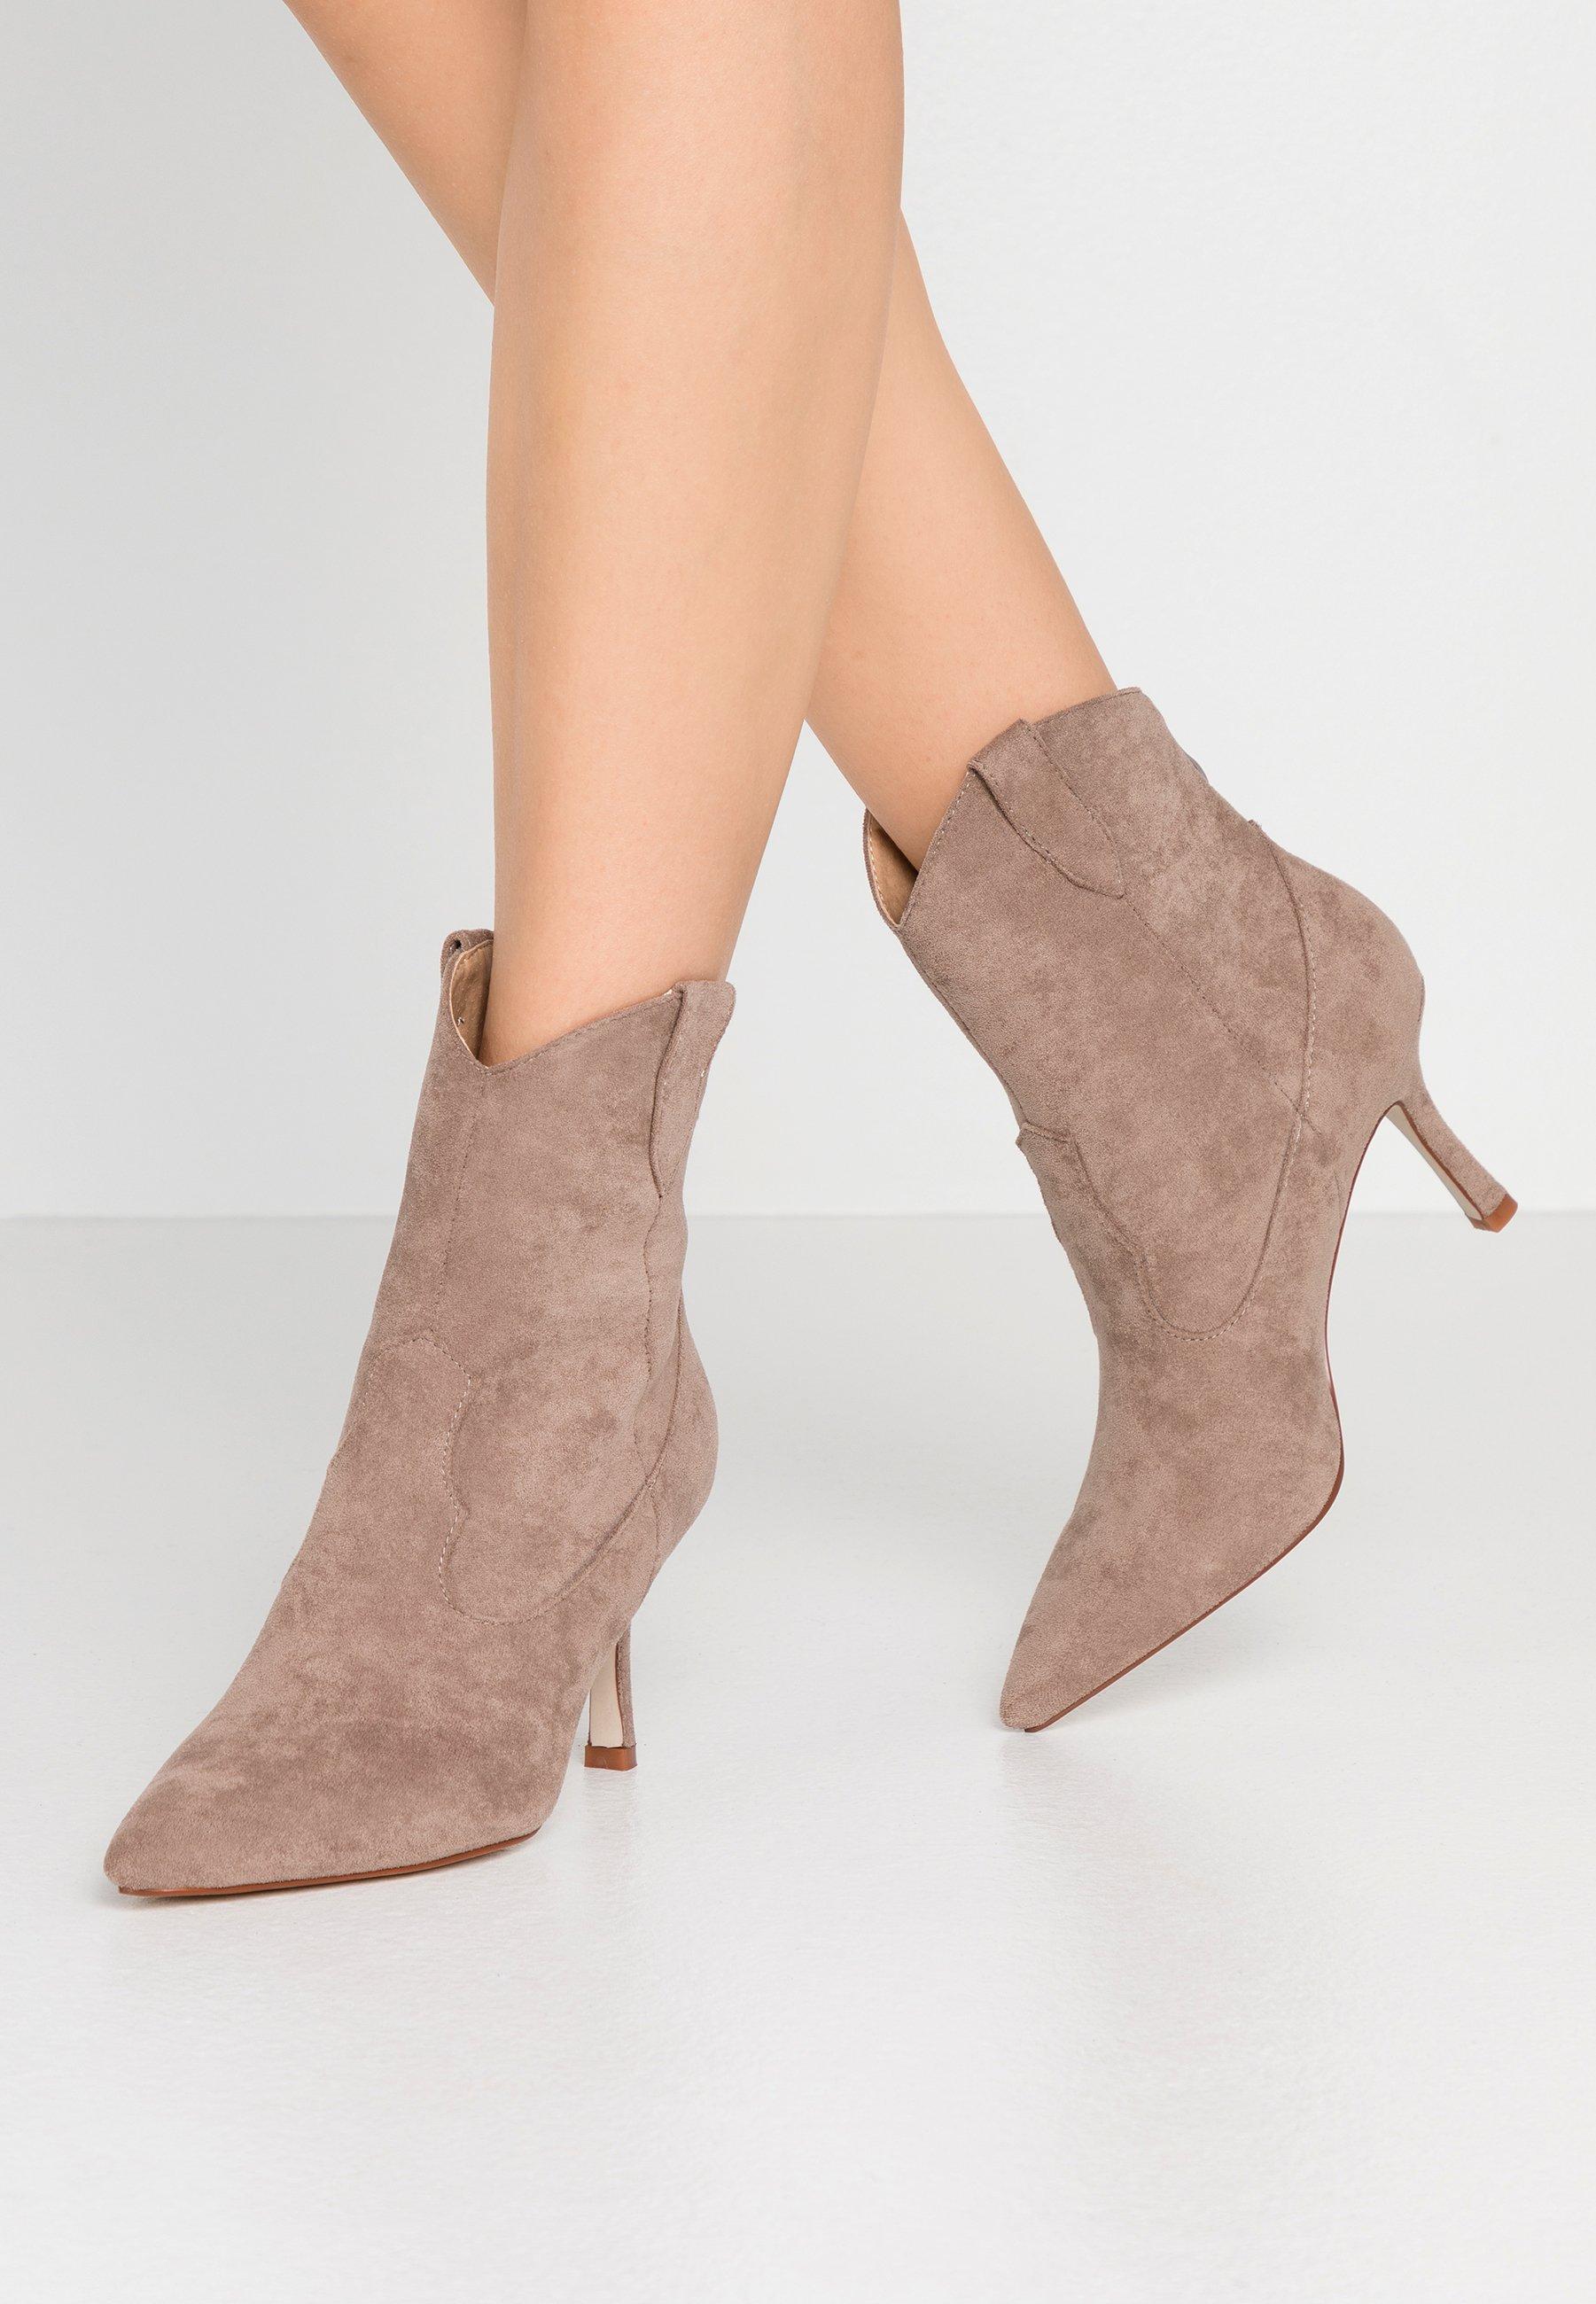 RAID KAISON - Bottines à talons hauts - taupe - Chaussures à talons femme Classique